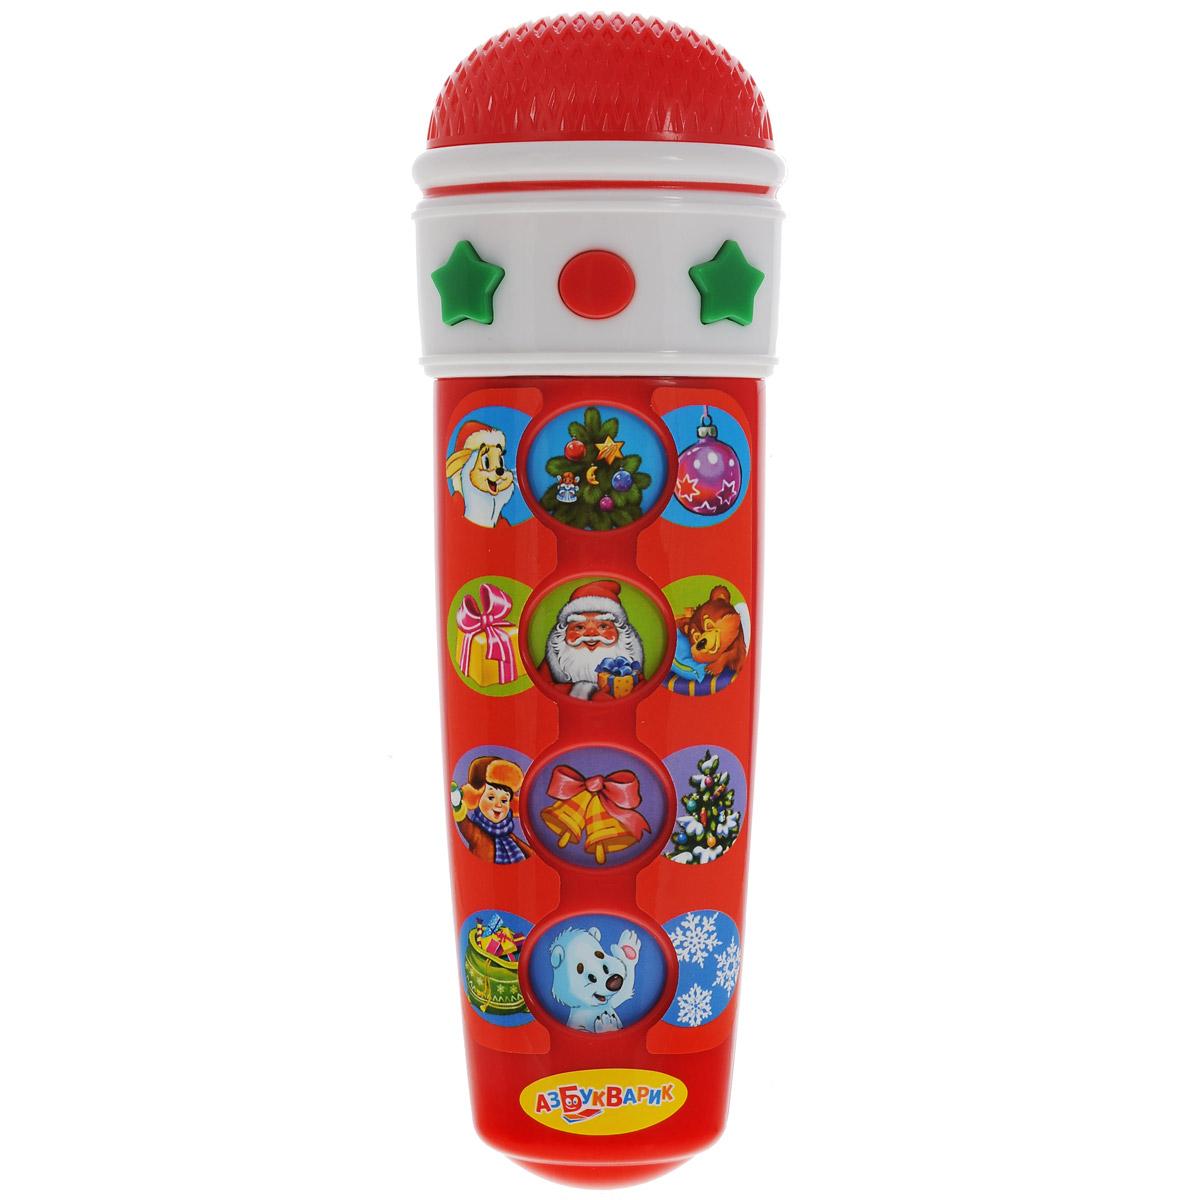 Музыкальная игрушка Азбукварик Микрофон Караоке Новогоднее, цвет: красный, белыйMSH0303-006Музыкальная игрушка Азбукварик Микрофон Караоке Новогоднее, выполненная из яркого пластика в виде микрофона, несомненно развлечет вашего малыша. На корпусе расположены четыре музыкальных кнопки, оформленные рисунками и воспроизводящие веселые песенки, а также кнопка остановки песни. На каждой кнопке микрофона записано по 3 песенки. 1. В лесу родилась елочка; 2. Расскажи, Снегурочка; 3. Новогодние игрушки; 4. Дед Мороз; 5. Что такое Новый Год; 6. Почему медведь зимой спит; 7. Рождественская песенка; 8. Кабы не было зимы; 9. Ёлочка; 10. Песенка Умки; 11. Песня Деда Мороза; 12. Белые снежинки. При нажатии музыкальной кнопки малыш услышит одну из песенок и сможет спеть. При повторном нажатии воспроизведется следующая песенка. Музыкальная игрушка Азбукварик Микрофон Караоке Новогоднее поможет вашему малышу развить слух, музыкальное восприятие, а также поднимет ребенку настроение и пополнит словарный...